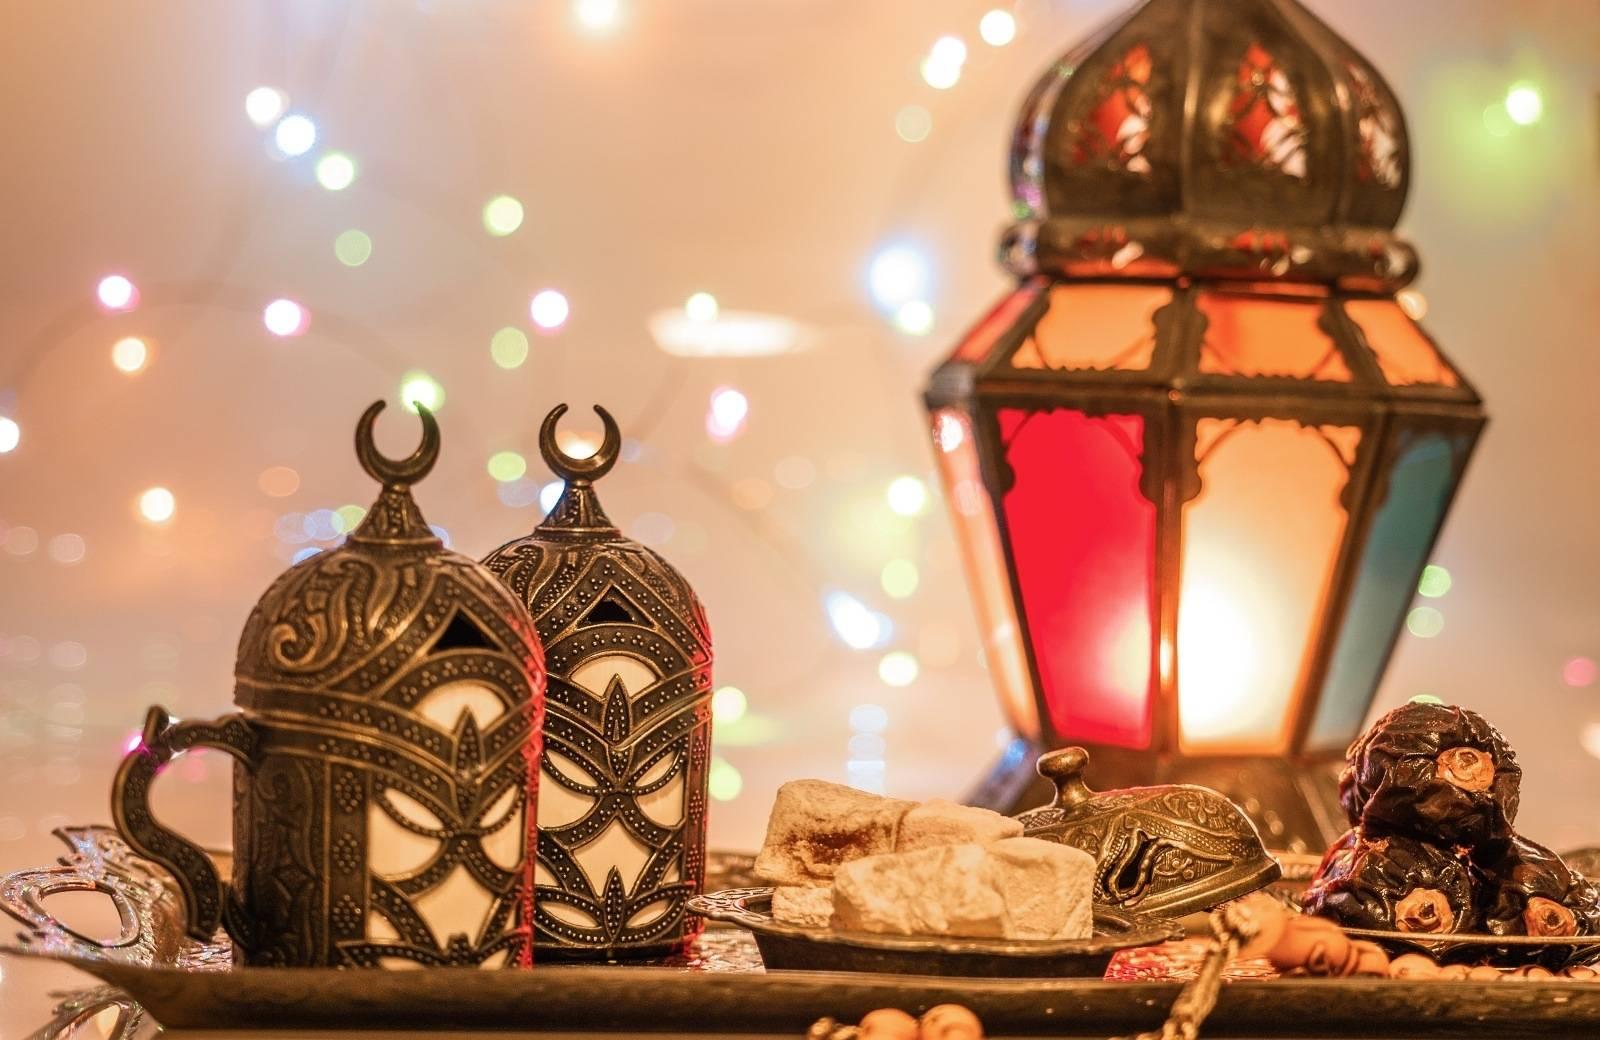 месяц рамадан праздник красивые фото футляры подставки для